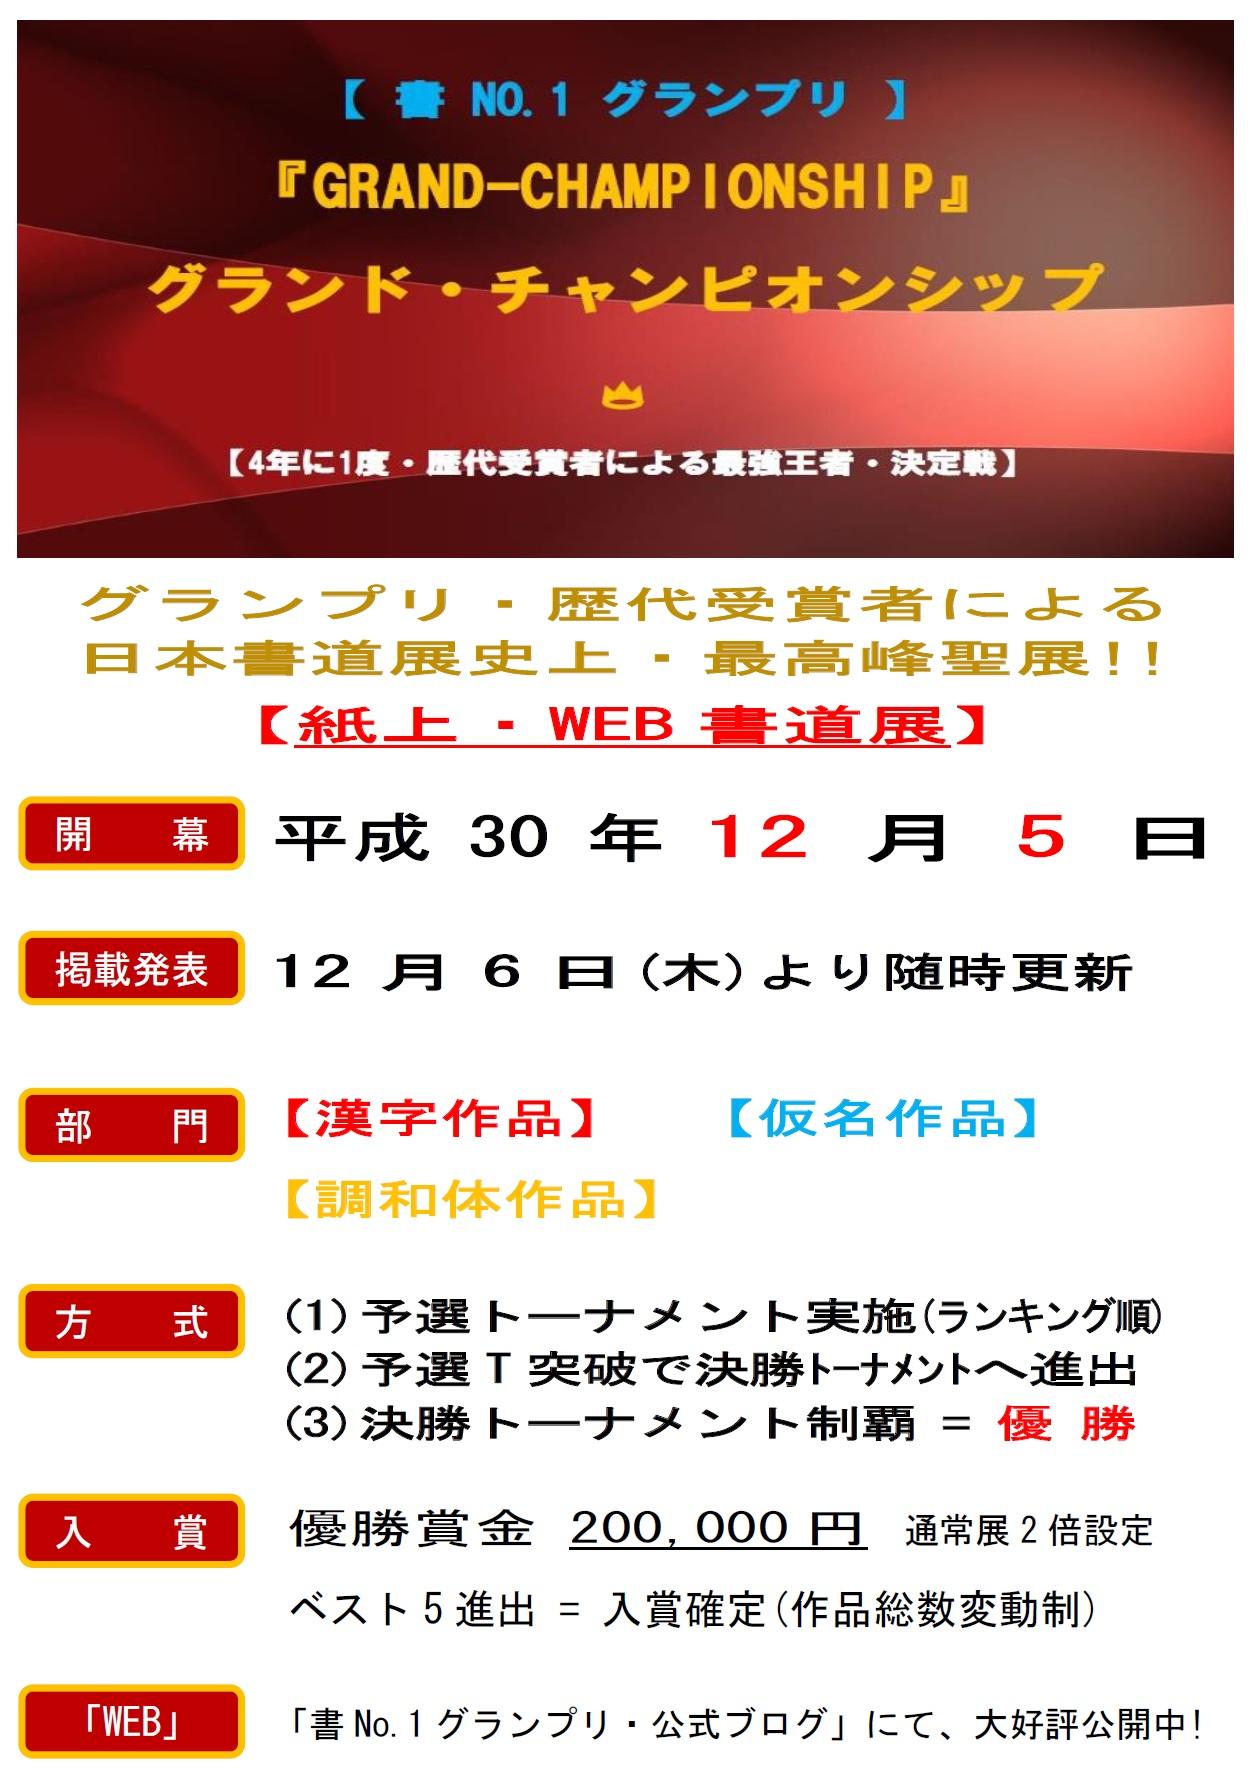 グランド・チャンピオンシップ-ポスター-2018-08-15-14-10